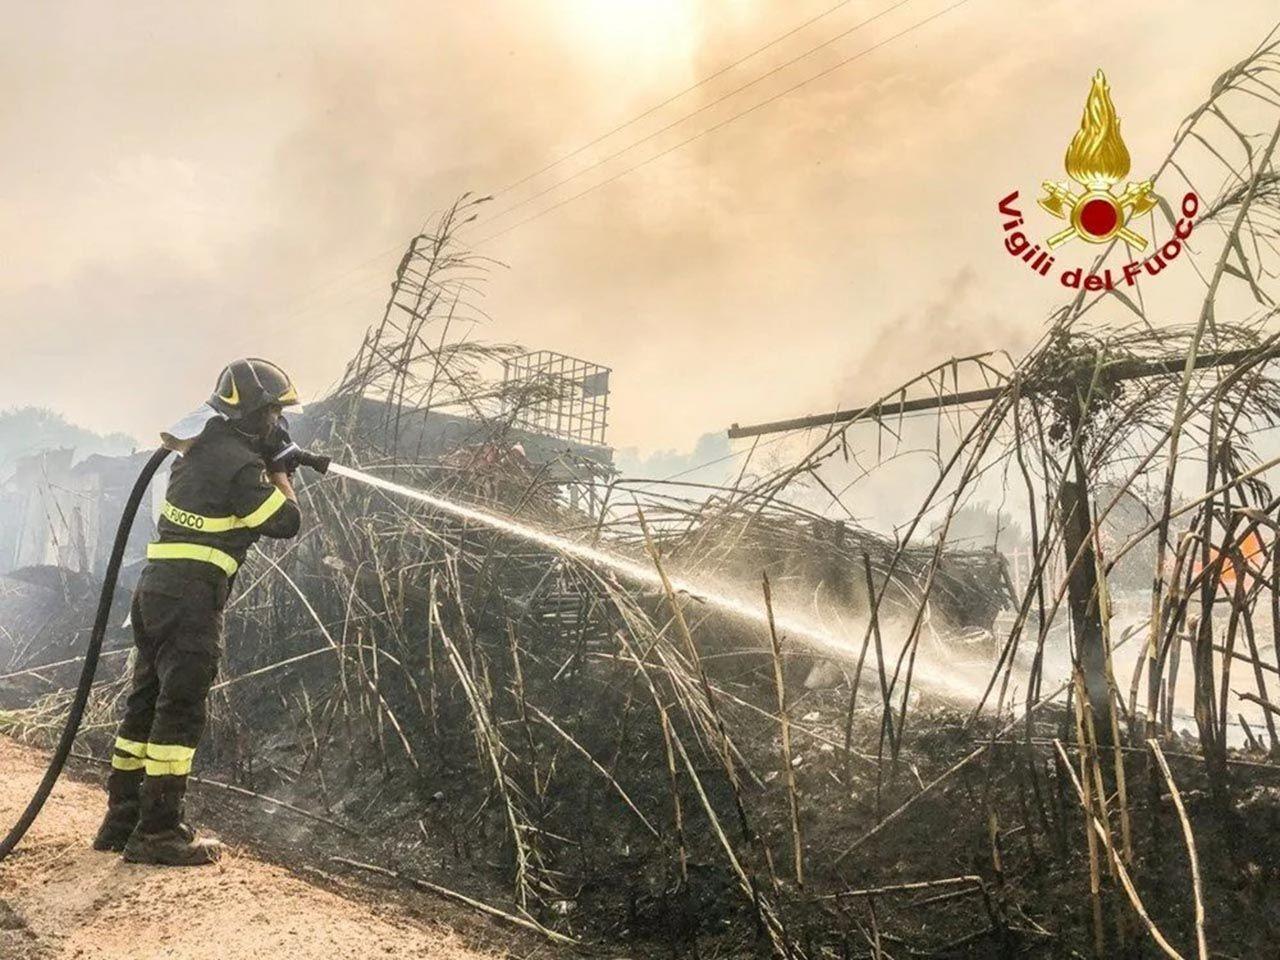 Sardunya Adası'nda görülmemiş felaket - Resim: 2